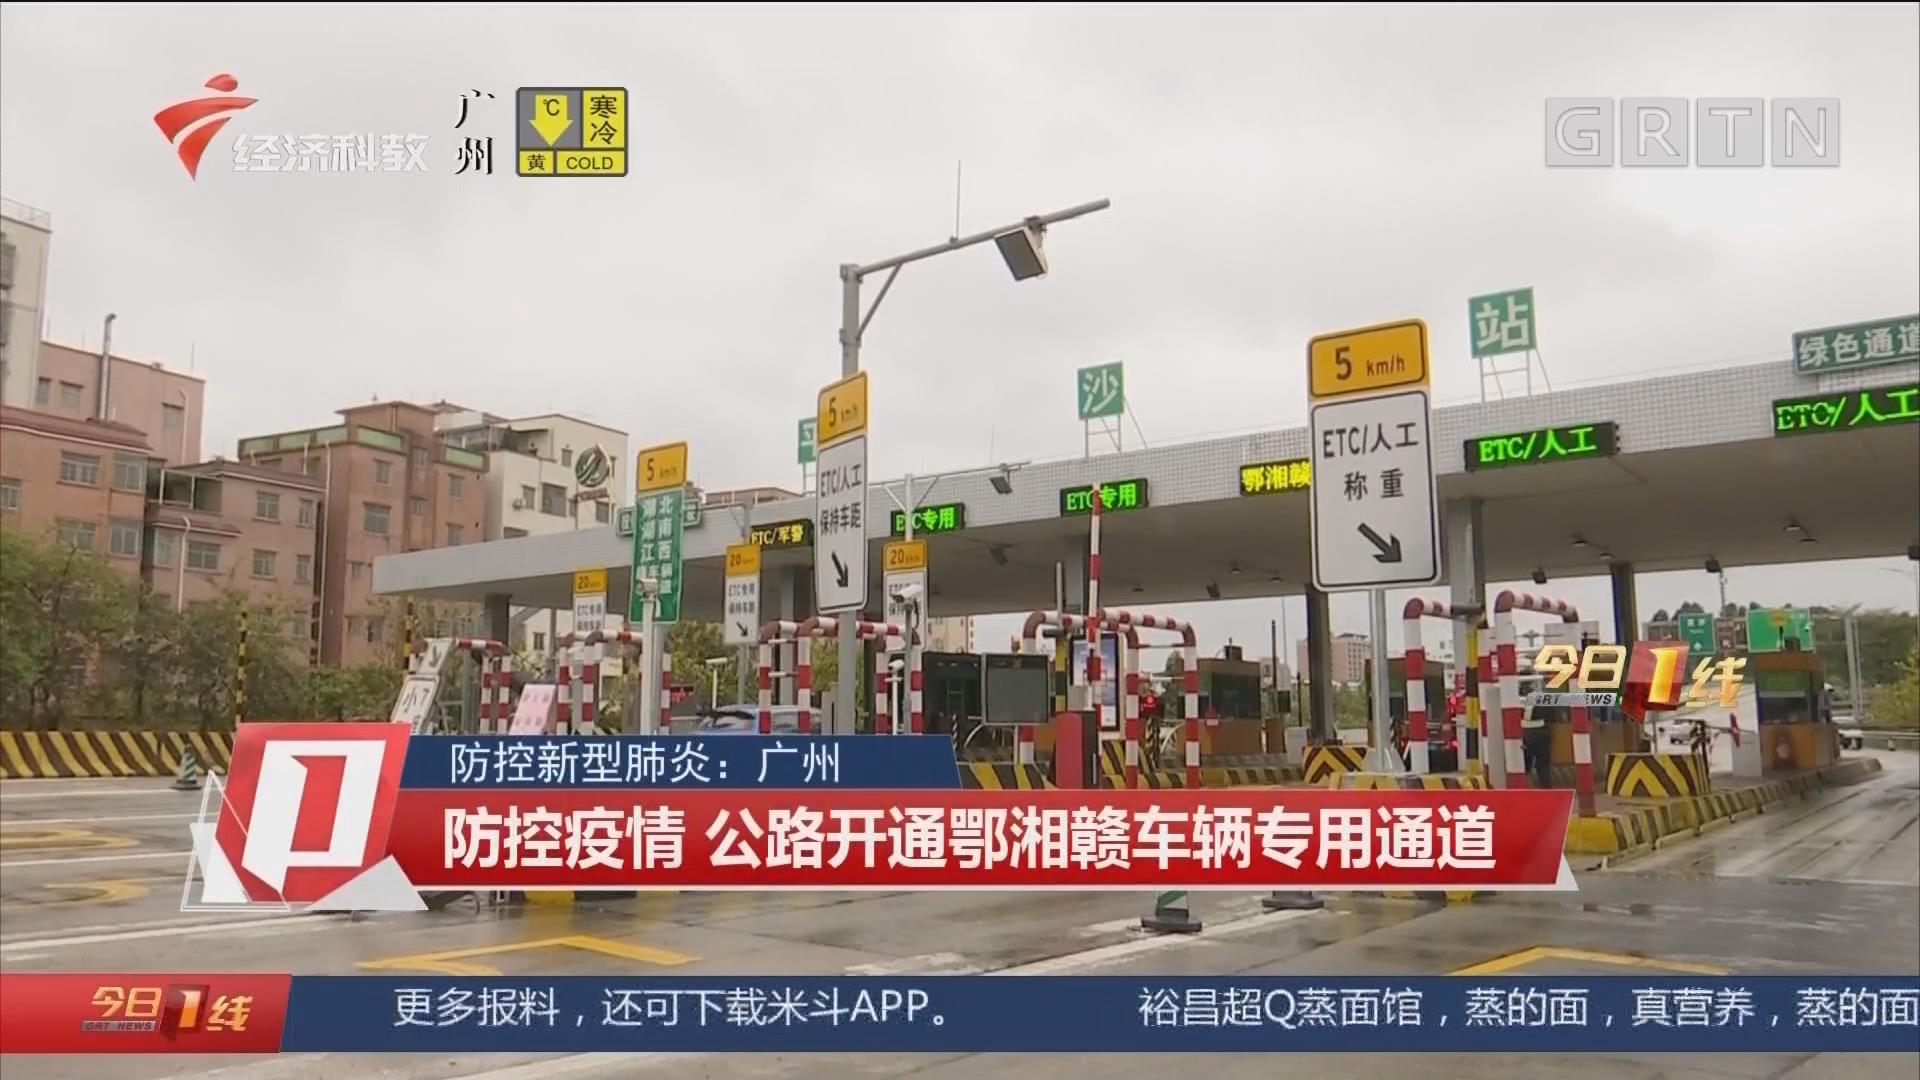 防控新型肺炎:广州 防控疫情 公路开通鄂湘赣车辆专用通道